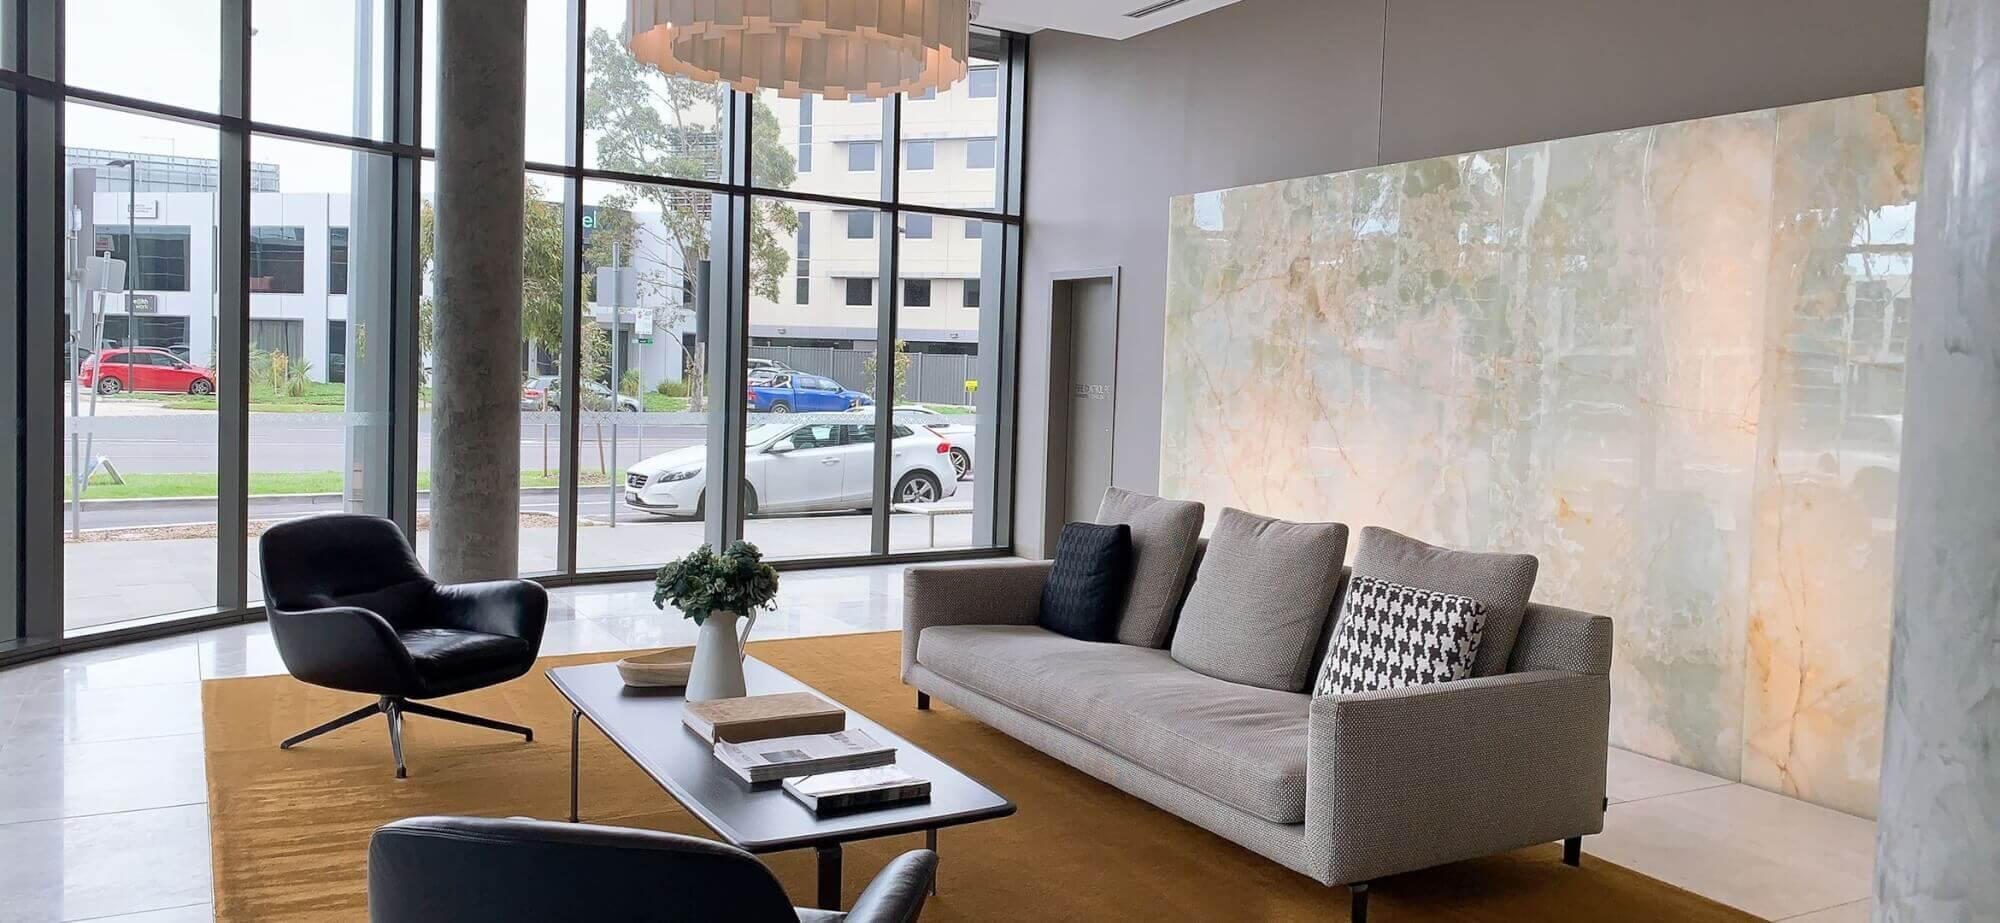 Property For Sale 3205/100 Lorimer Street Docklands VIC 3008 8